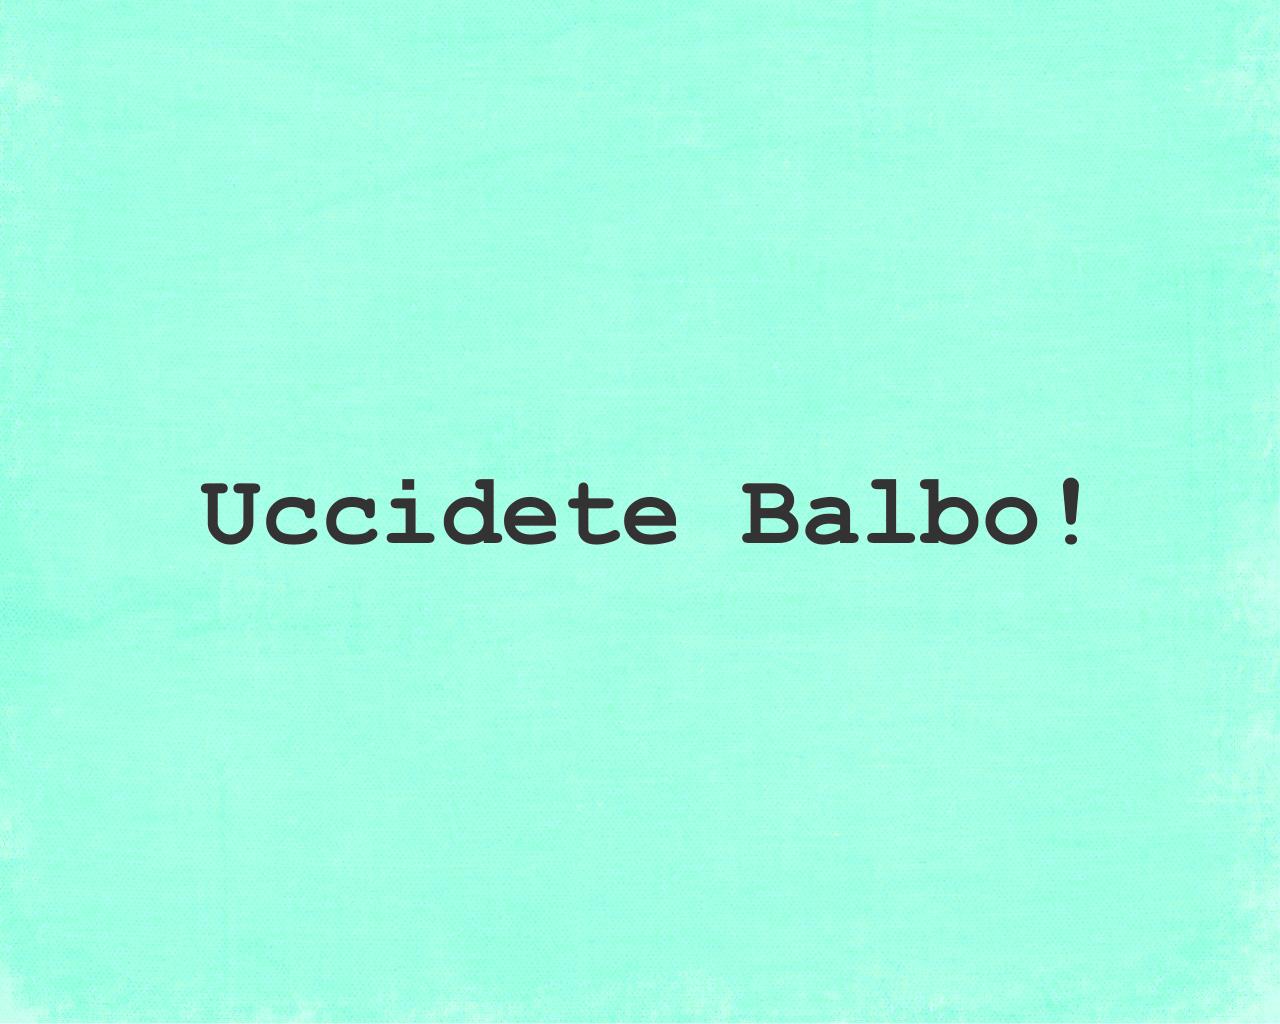 Uccidete Balbo Squadratlantica